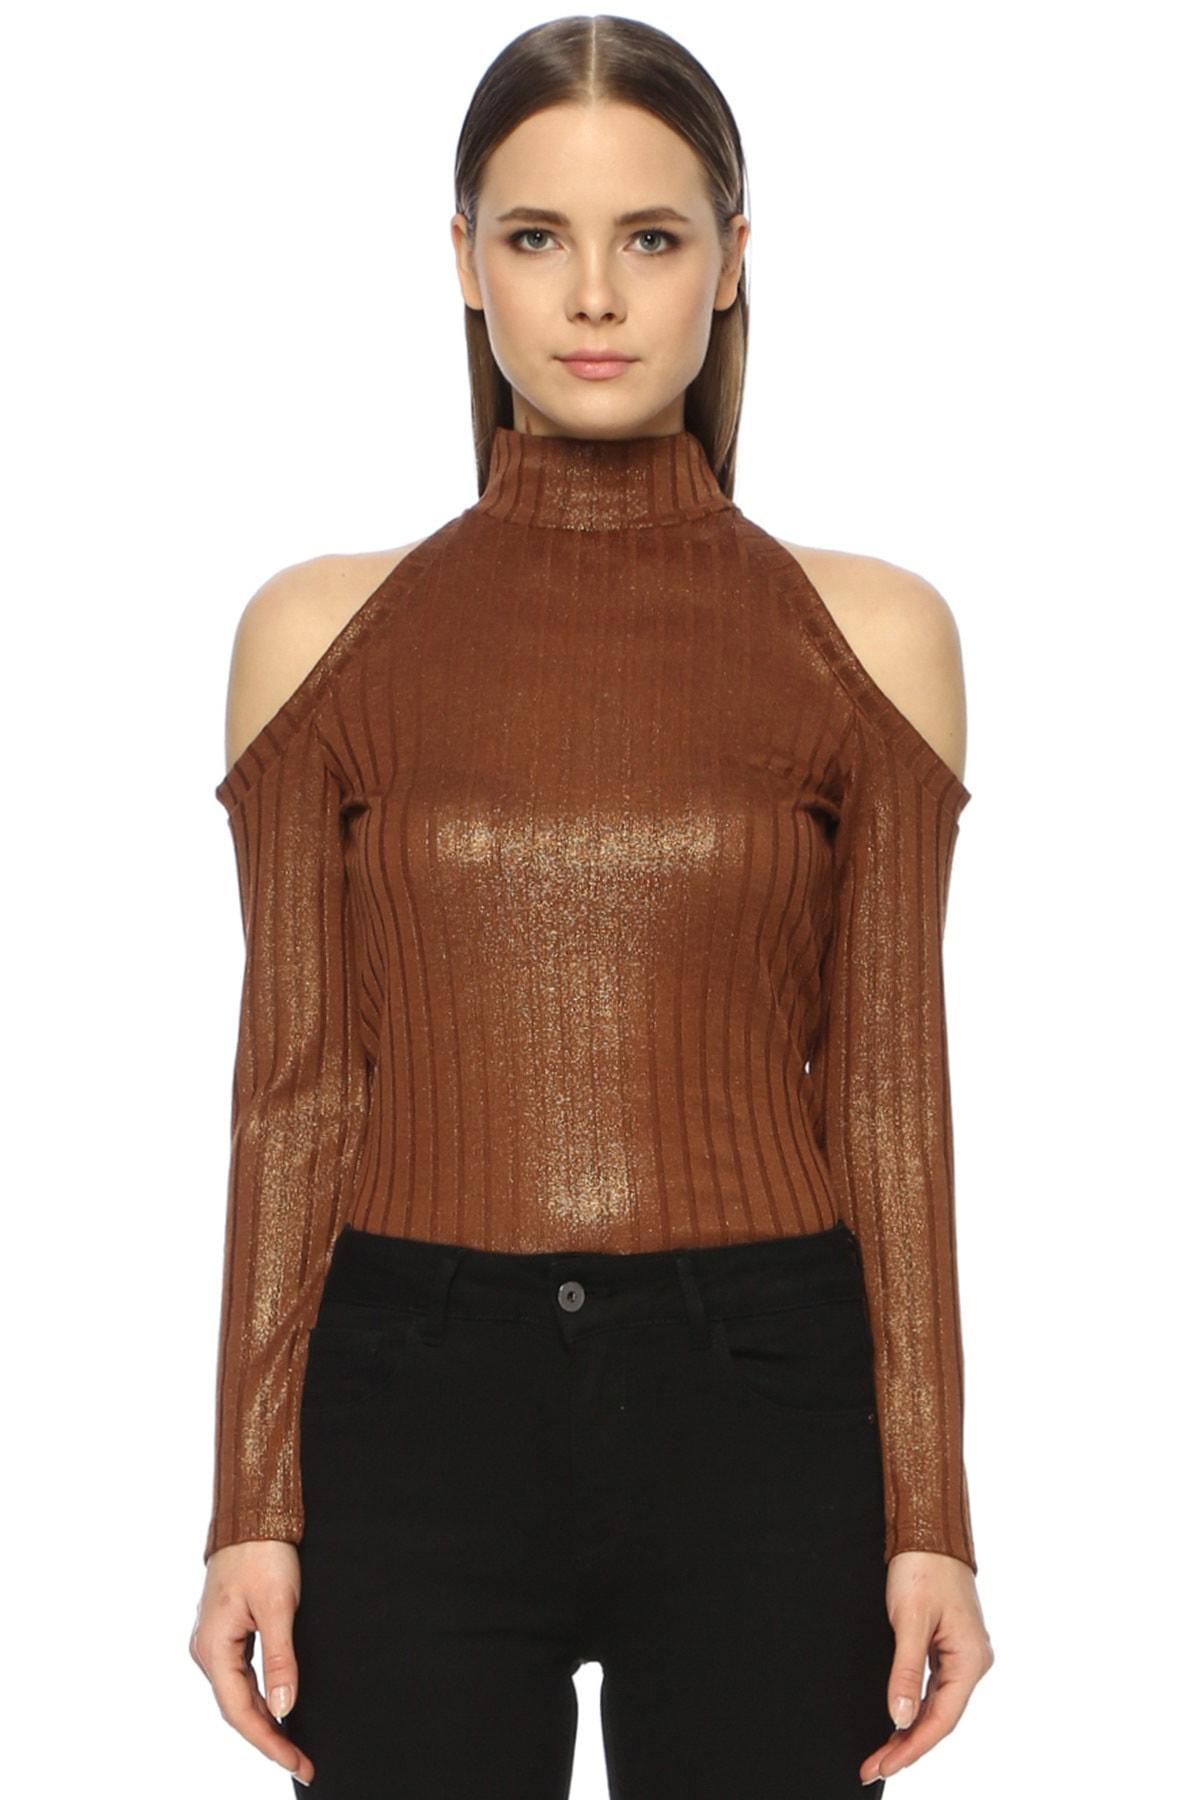 Kadın Slim Fit Bakır Tshirt 1071041